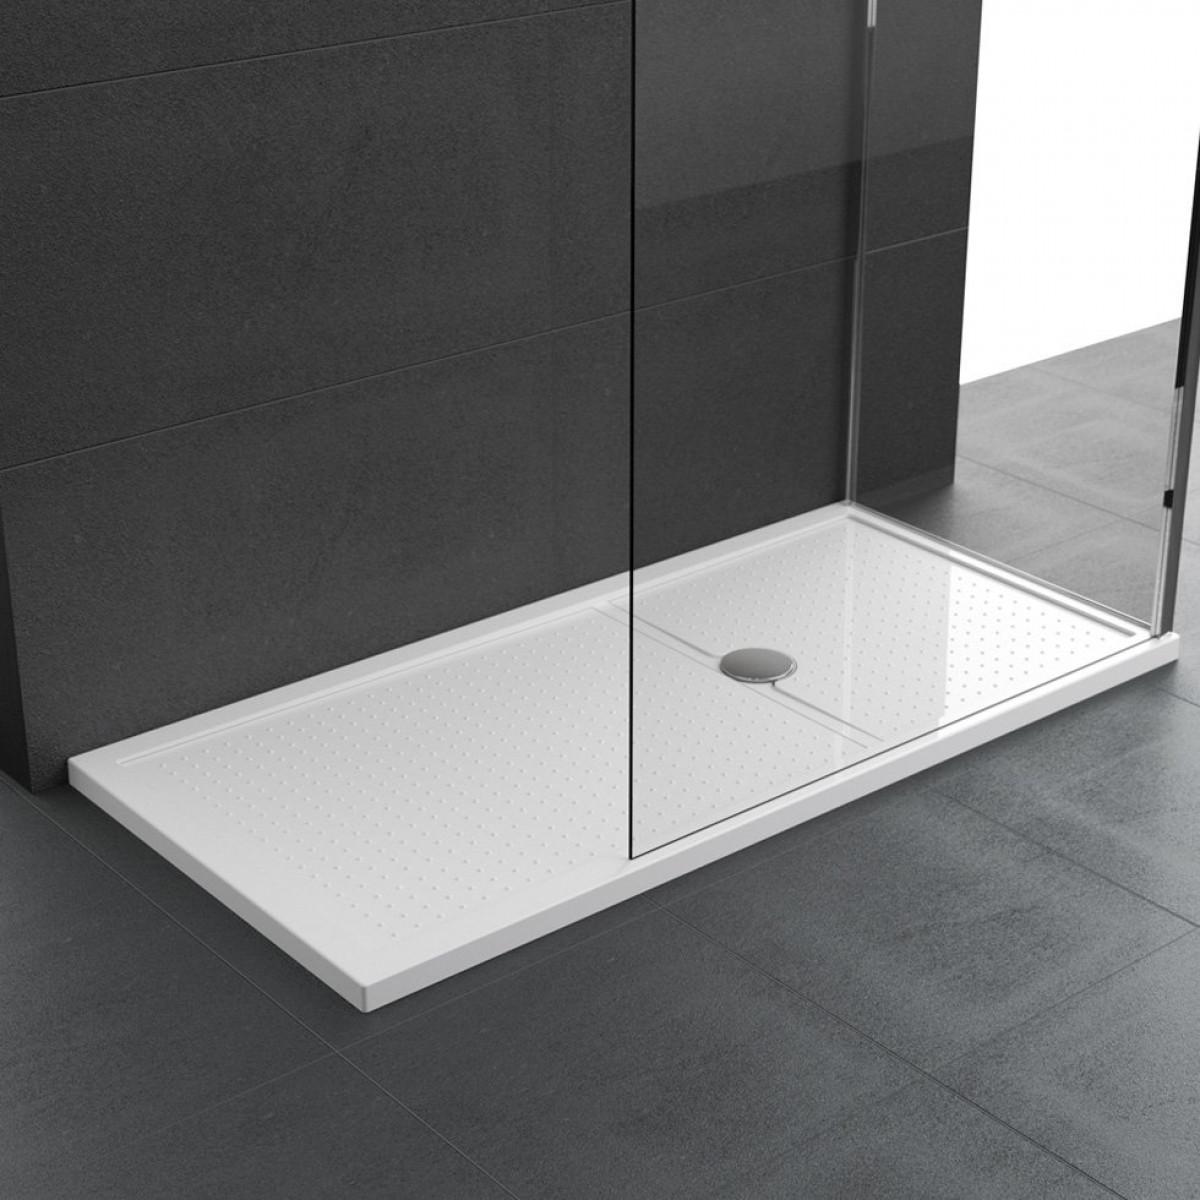 Novellini Olympic Plus Shower Tray 1700mm x 900mm White finish 12.5 ...